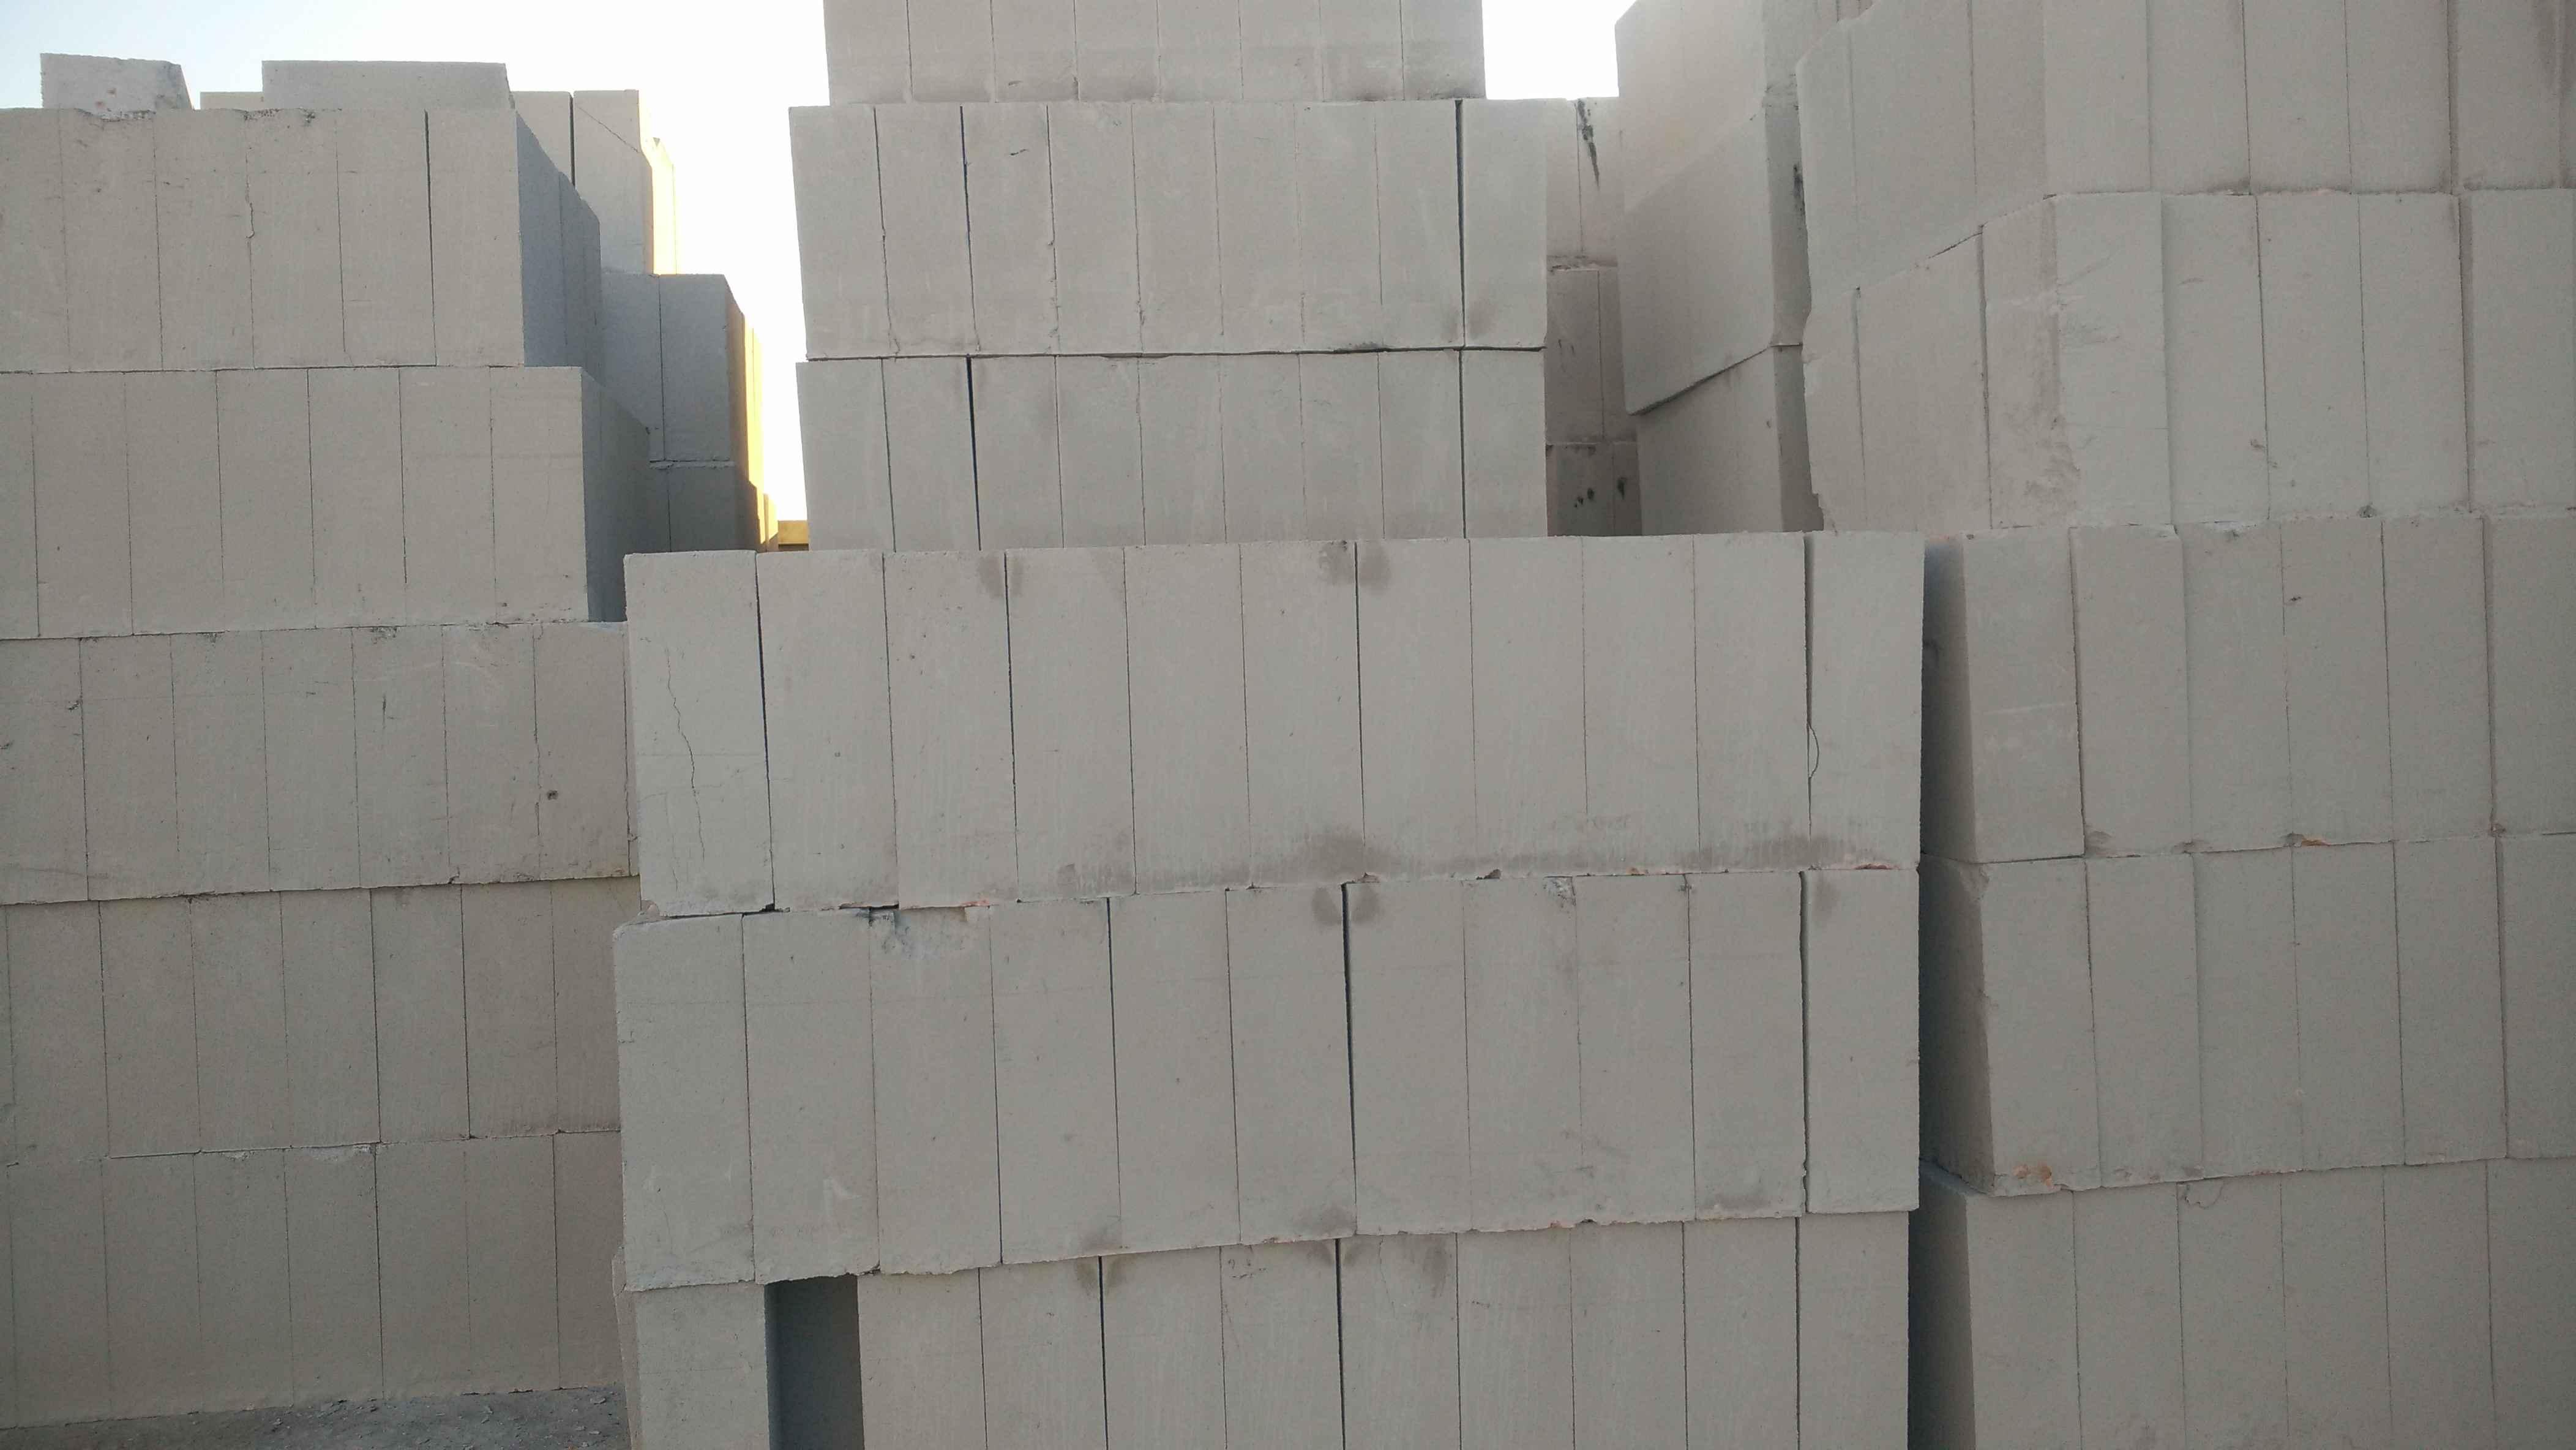 .全加气混凝土砌块施工技术交底,行外人看完都明白怎么施工了!